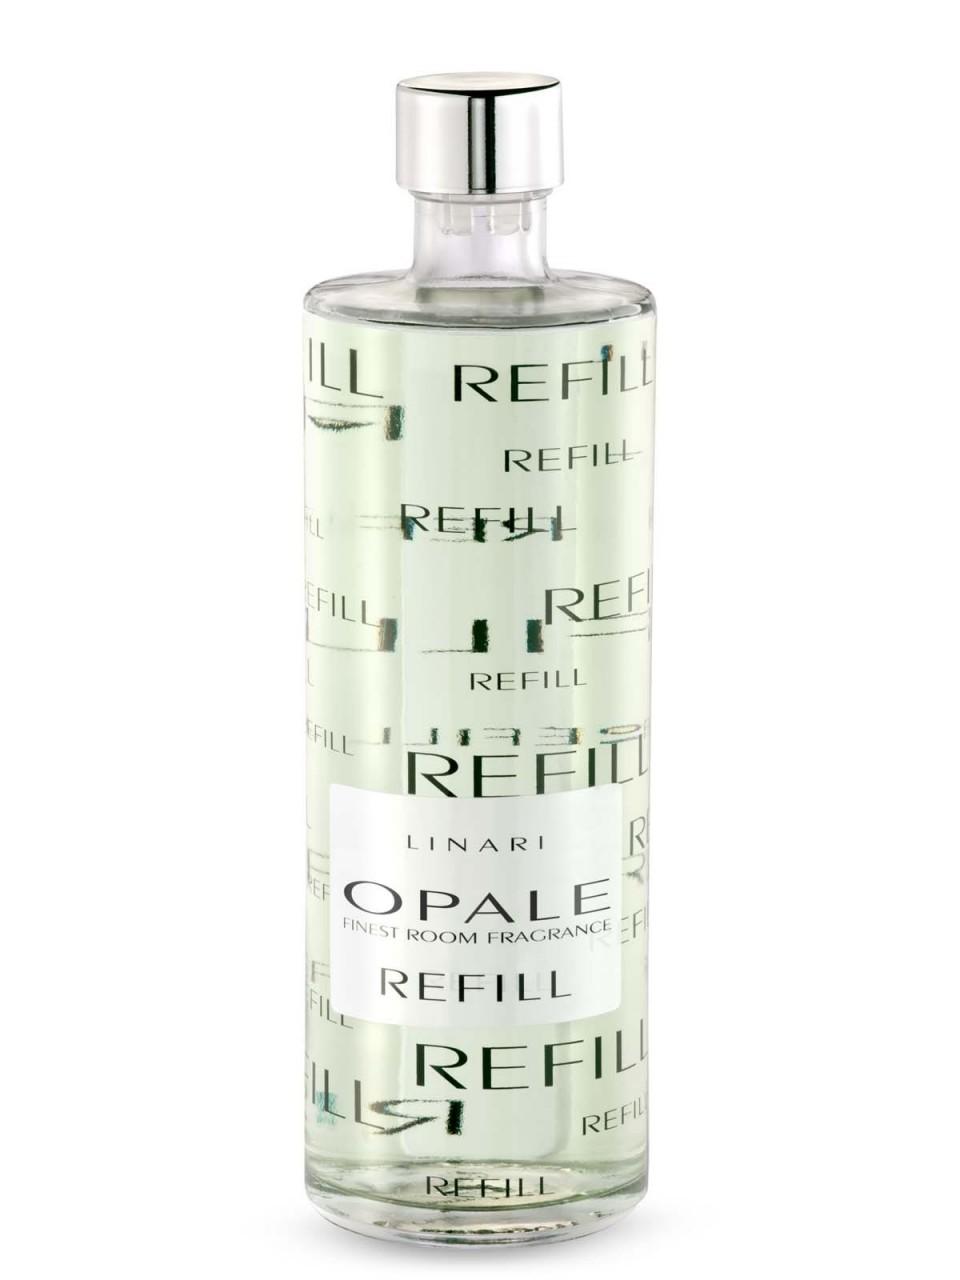 LINARI OPALE Diffuser Refill 500ml